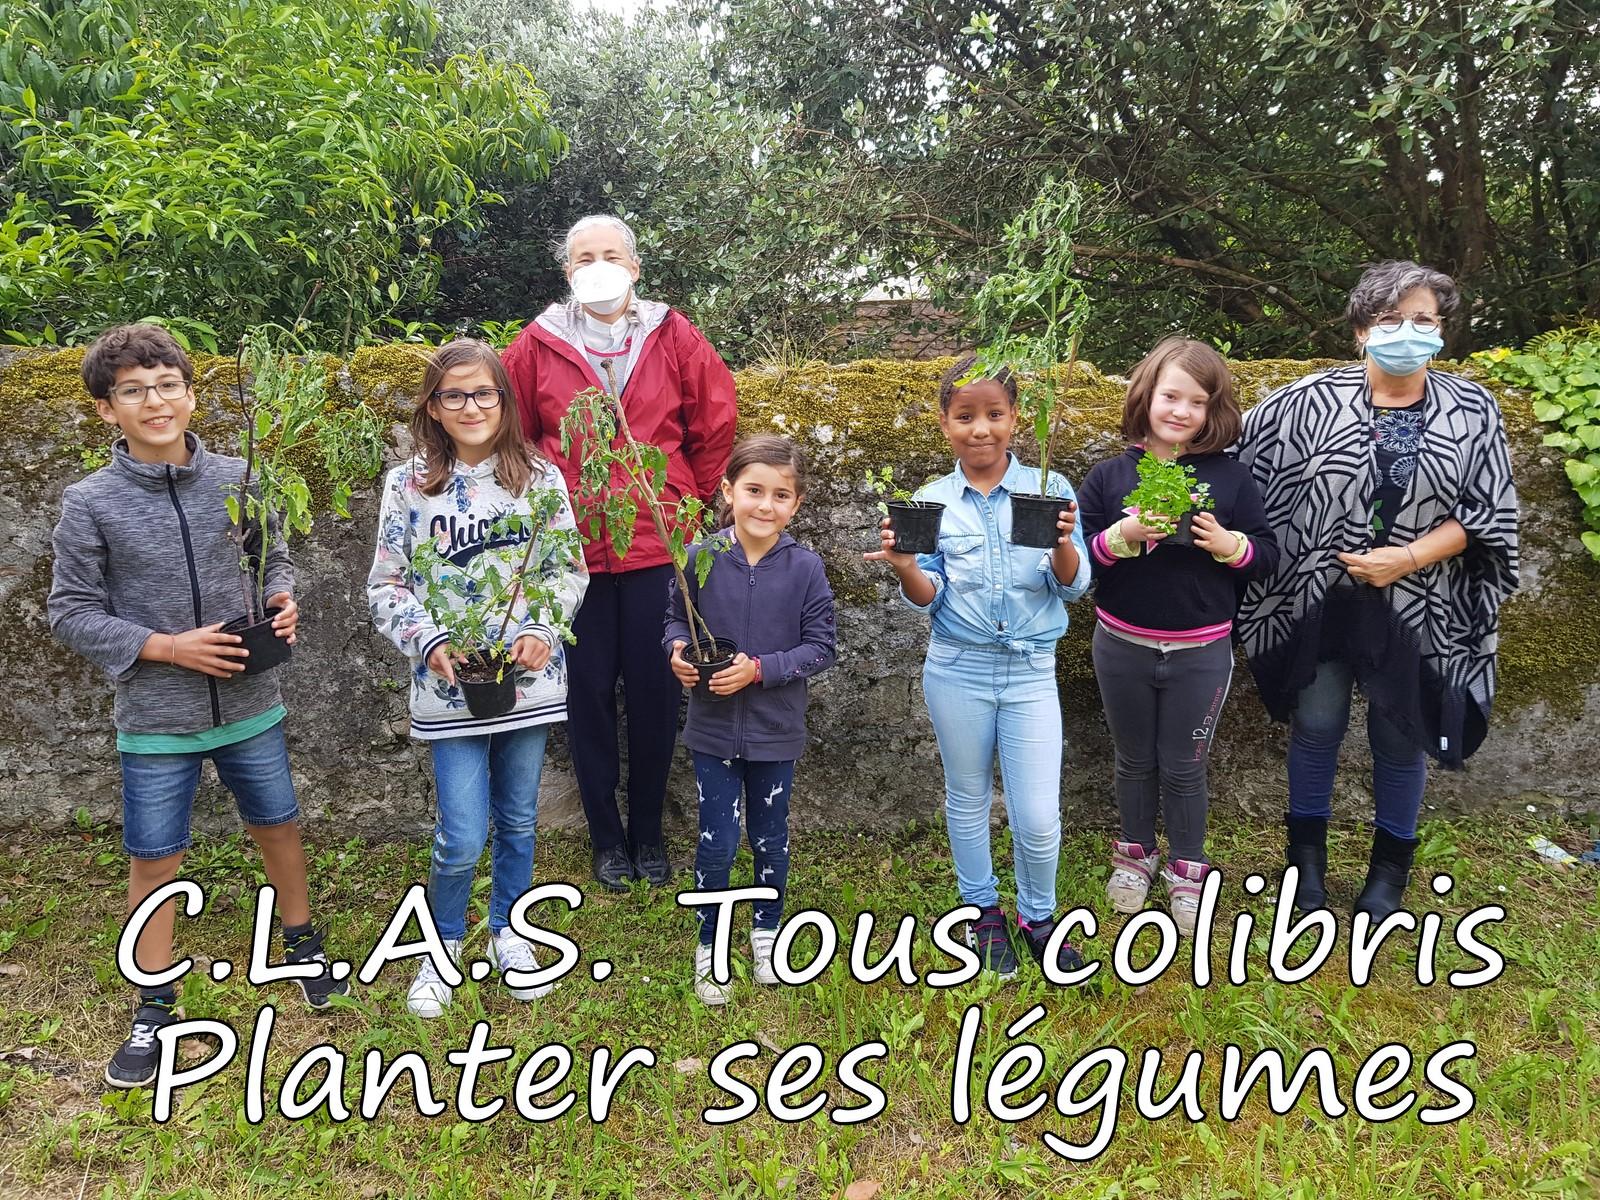 CLAS-Tous-Colibris-Planter-ses-legumes